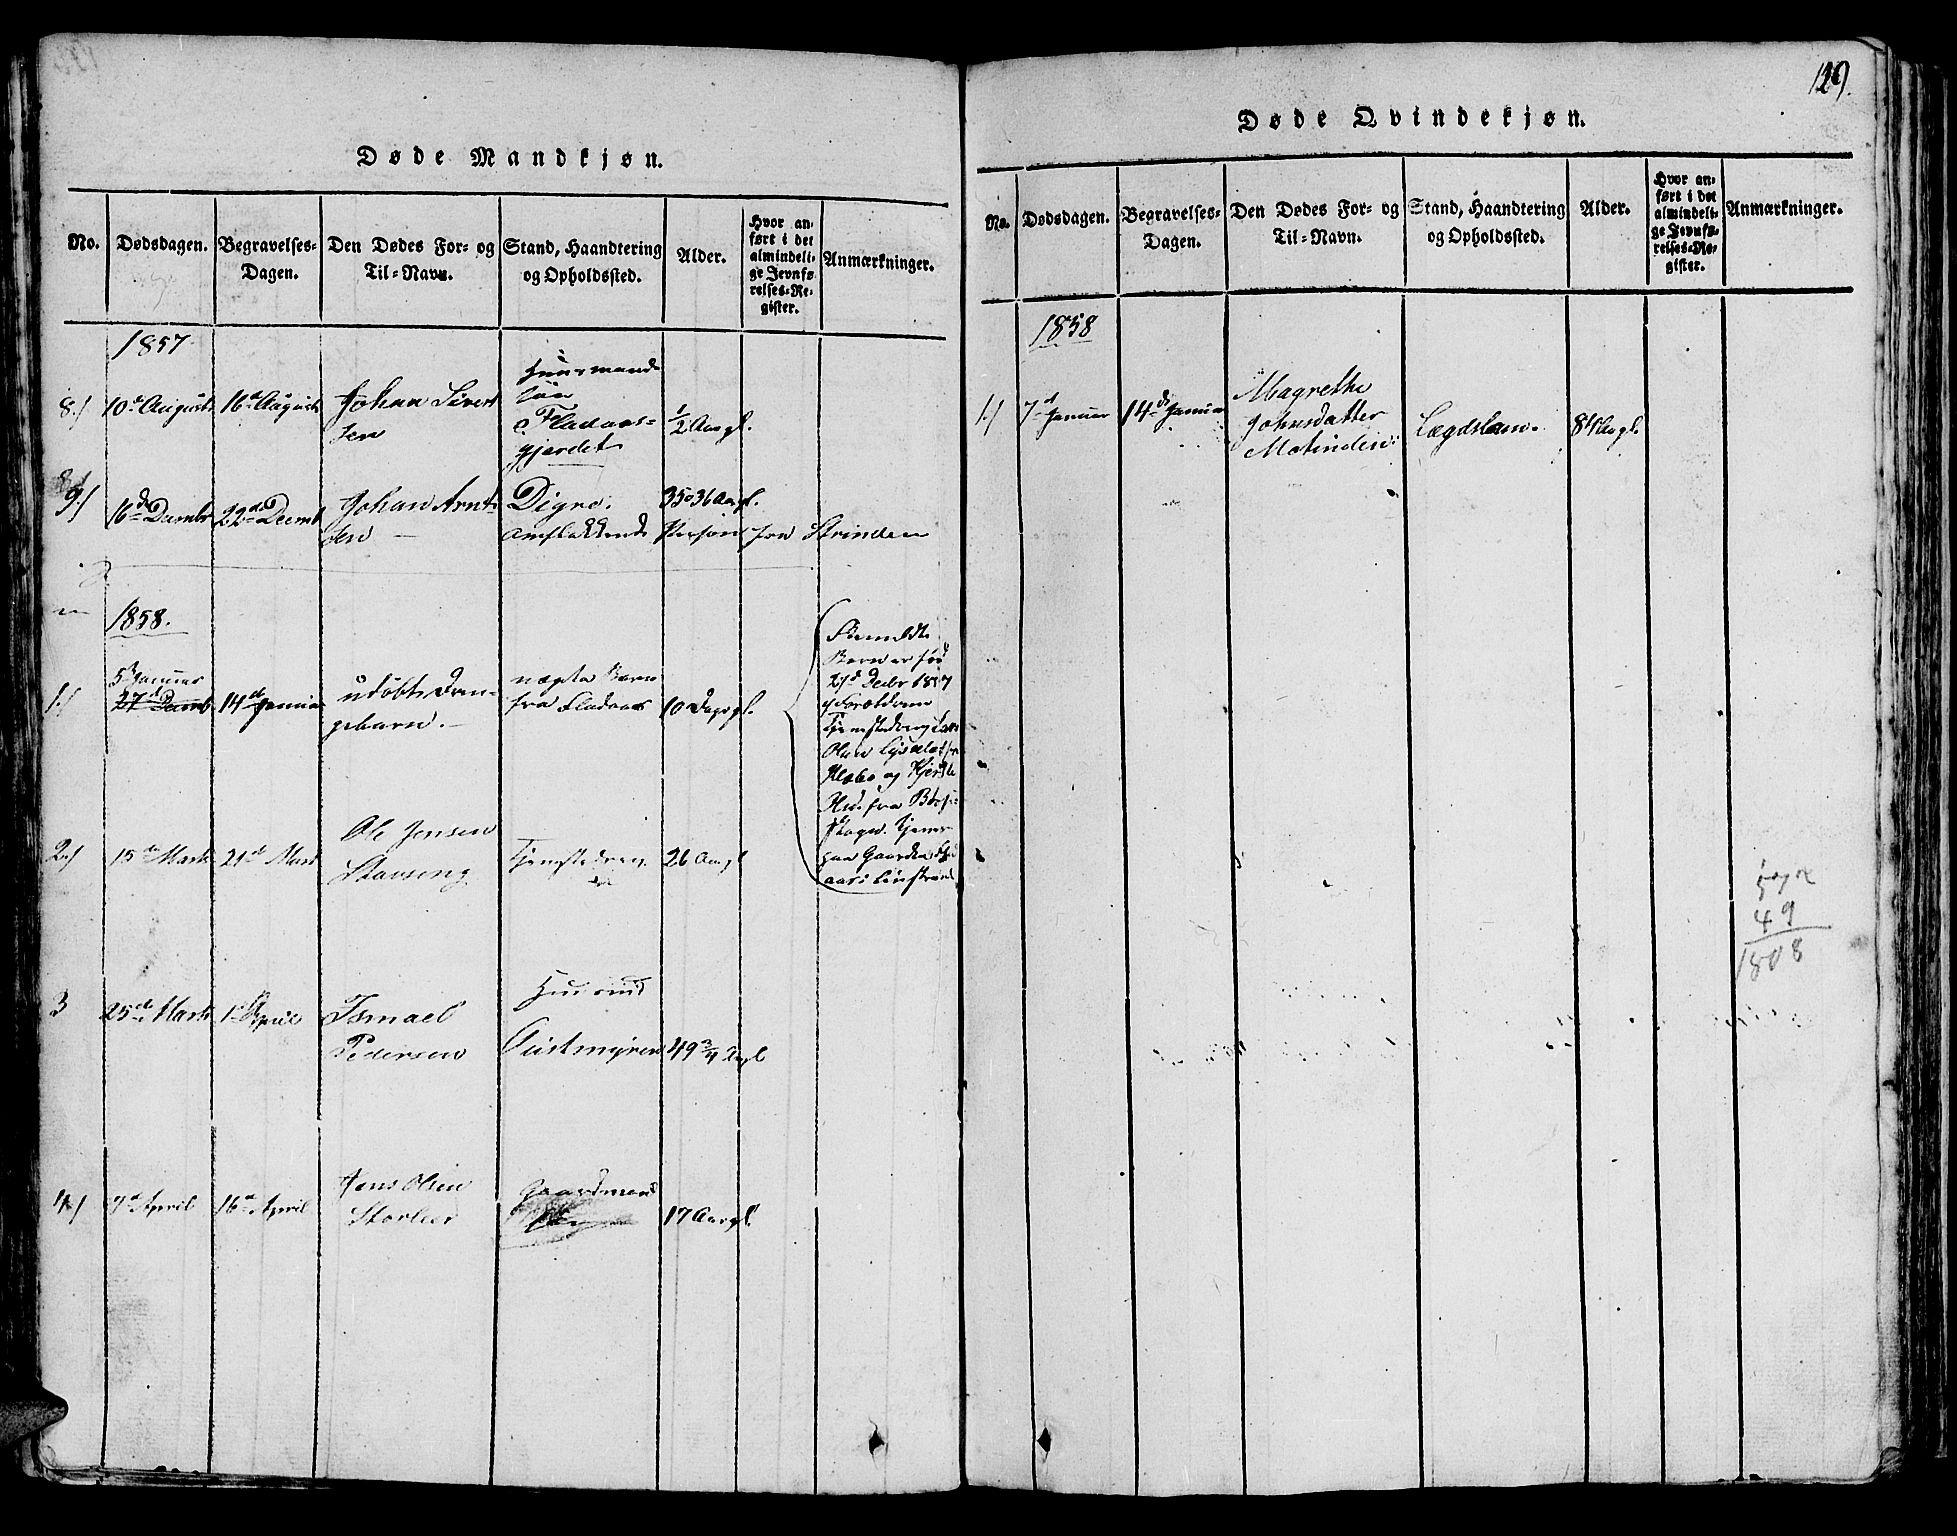 SAT, Ministerialprotokoller, klokkerbøker og fødselsregistre - Sør-Trøndelag, 613/L0393: Klokkerbok nr. 613C01, 1816-1886, s. 129